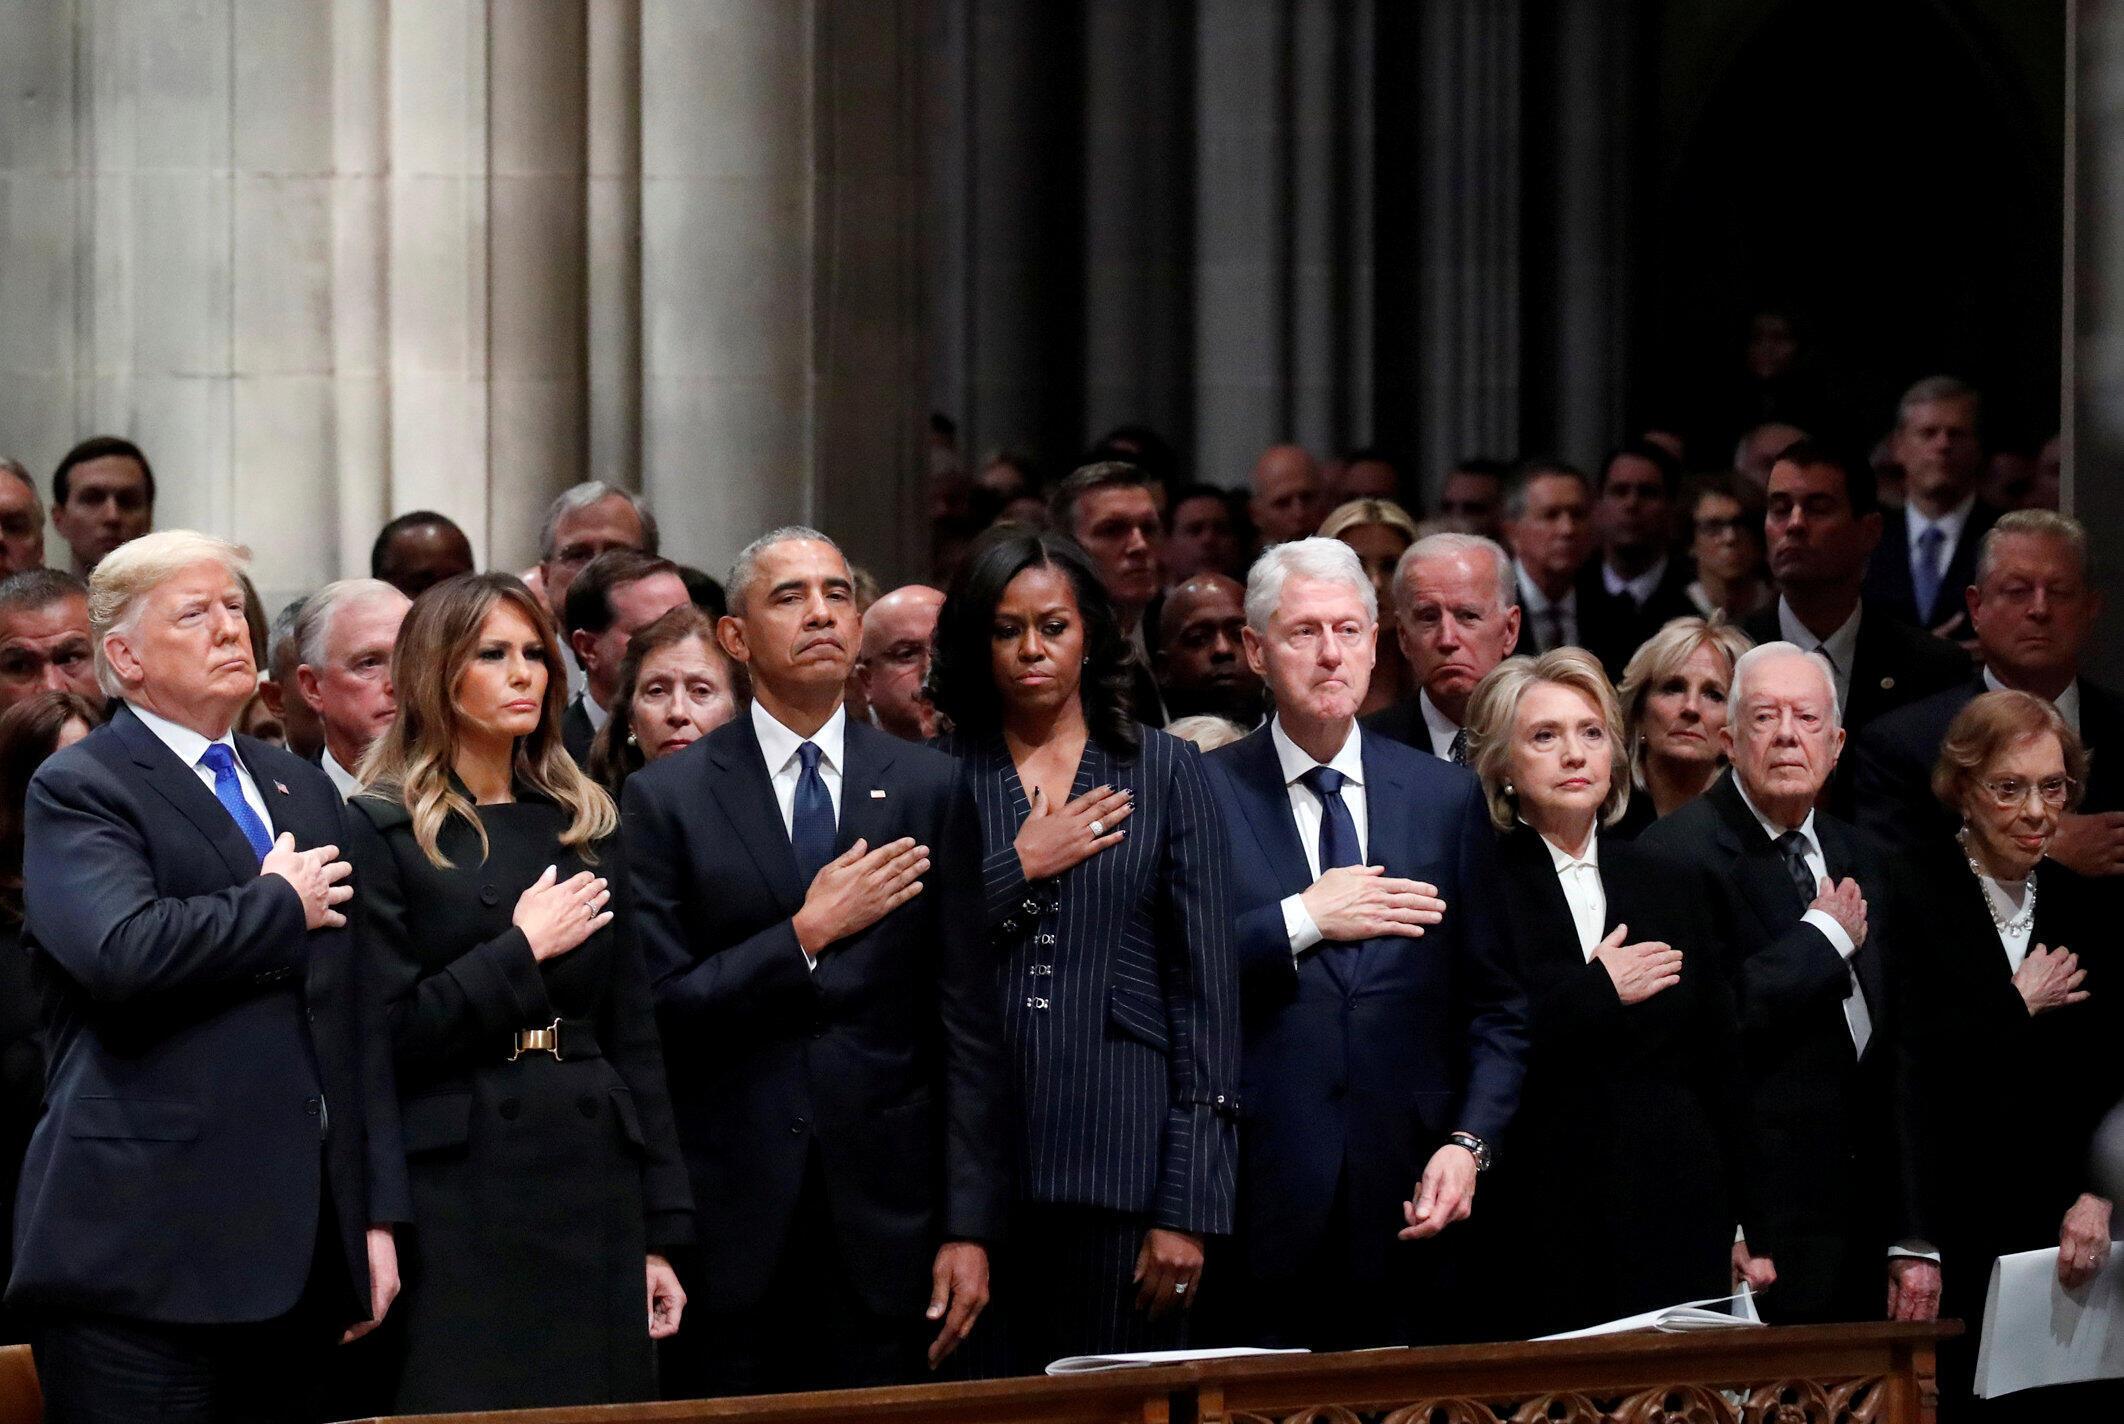 Đủ mặt tổng thống Mỹ các thời kỳ: Donald Trump, Barack Obama, Bill Clinton, Jimmy Carter trong tang lễ cố tổng thống George H.W.Bush tại Washington ngày 05/12/2018.